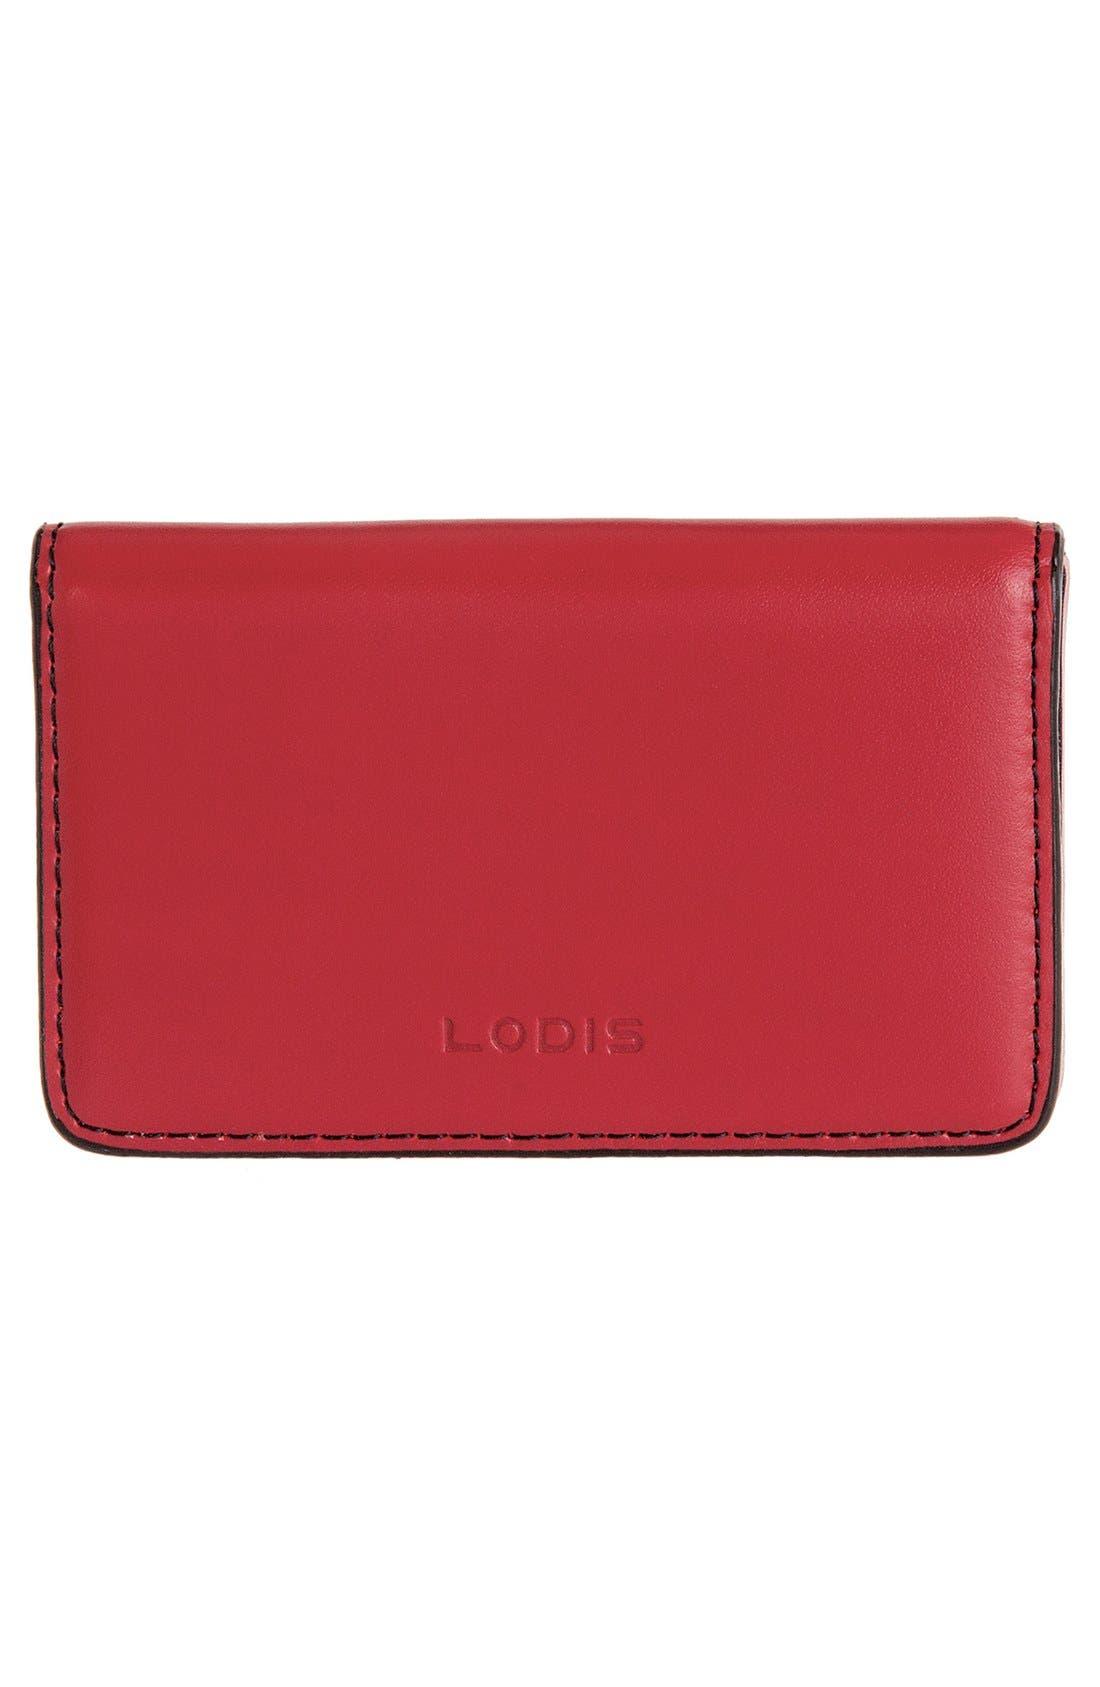 Main Image - Lodis Mini Card Case